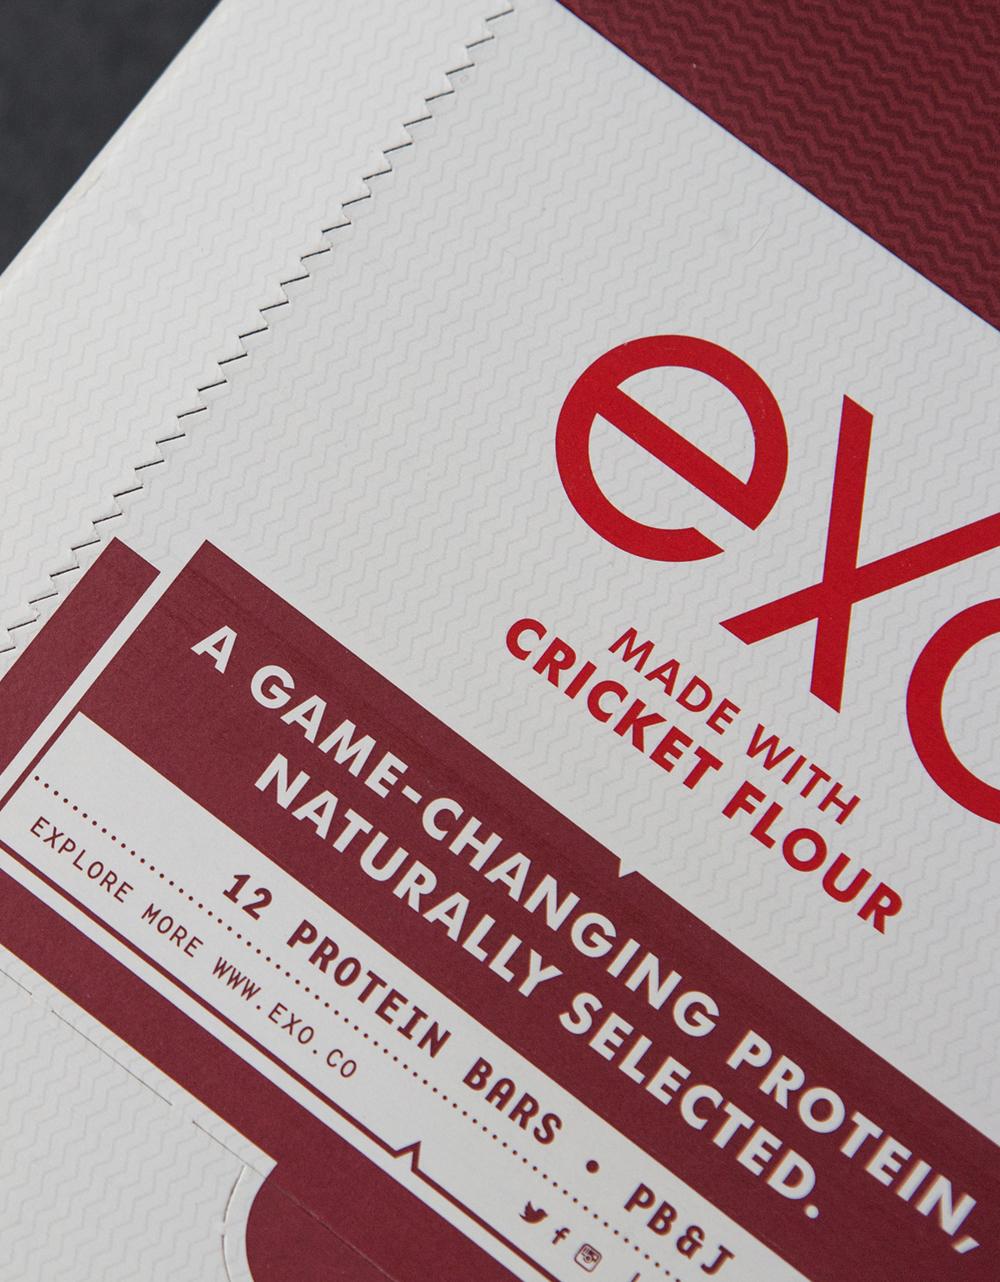 tag_exo_box_logo.jpg